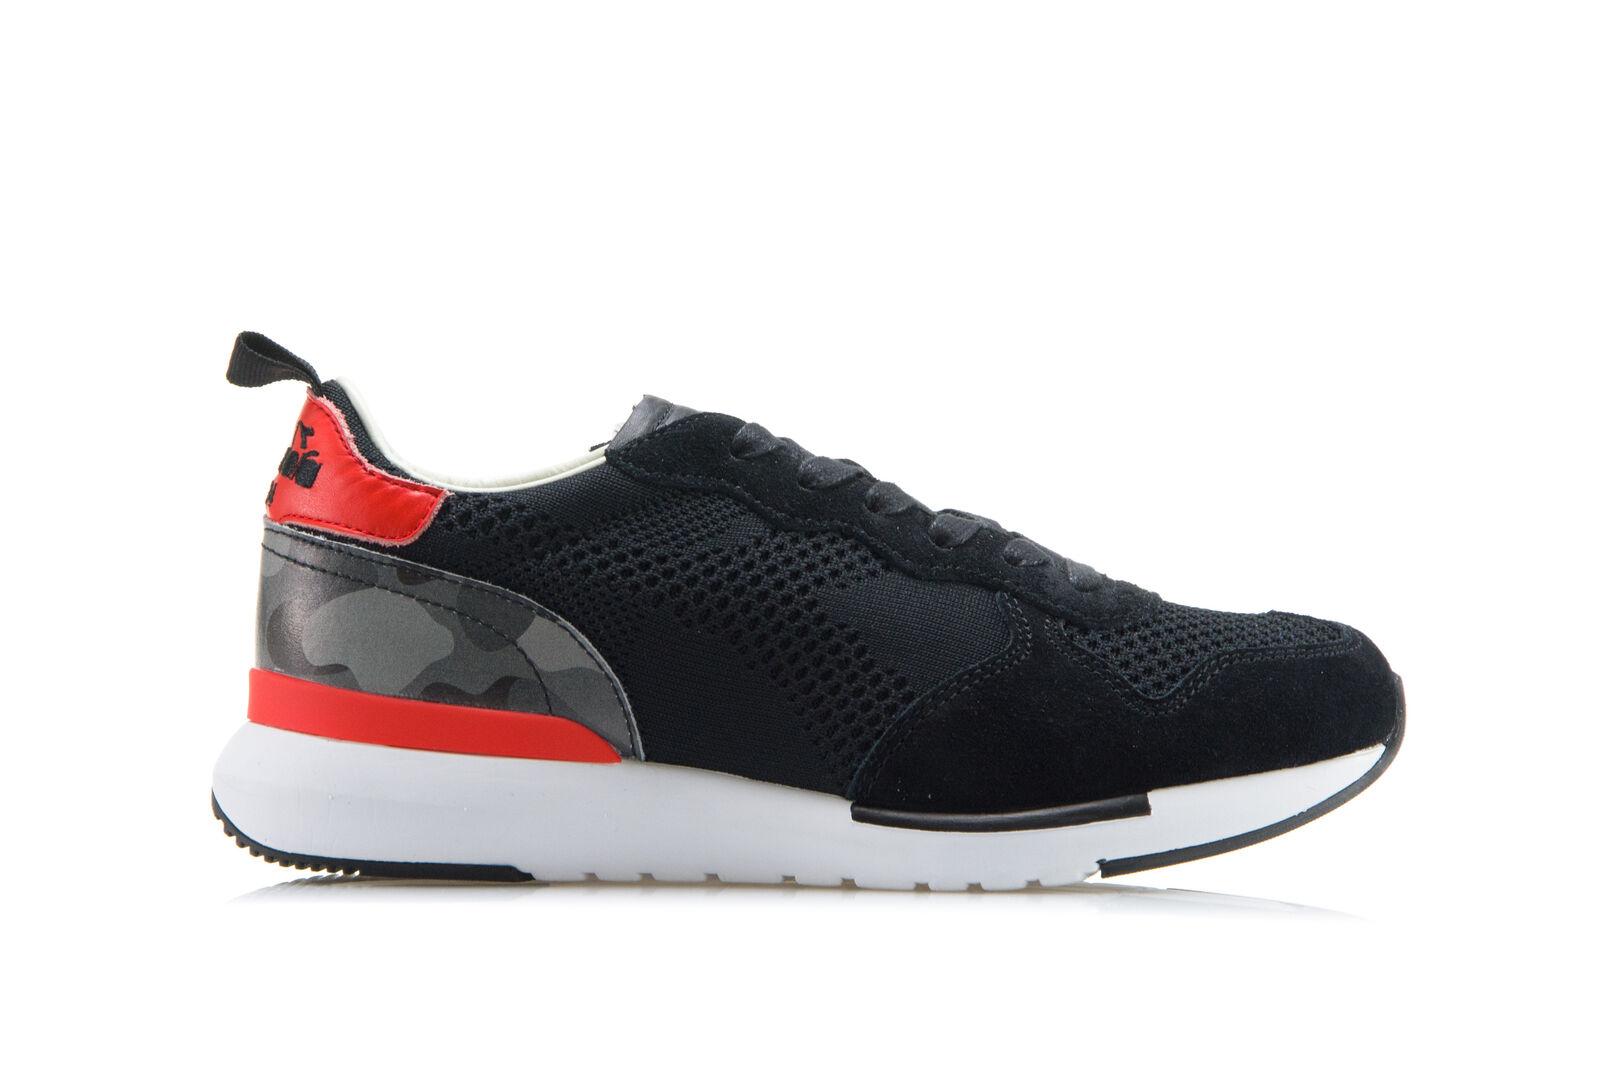 DIADORA HERITAGE Herren EVO Damen Sneakers Schuhe TRIDENT EVO Herren LIGHT Schwarz Turnschu 4a7726